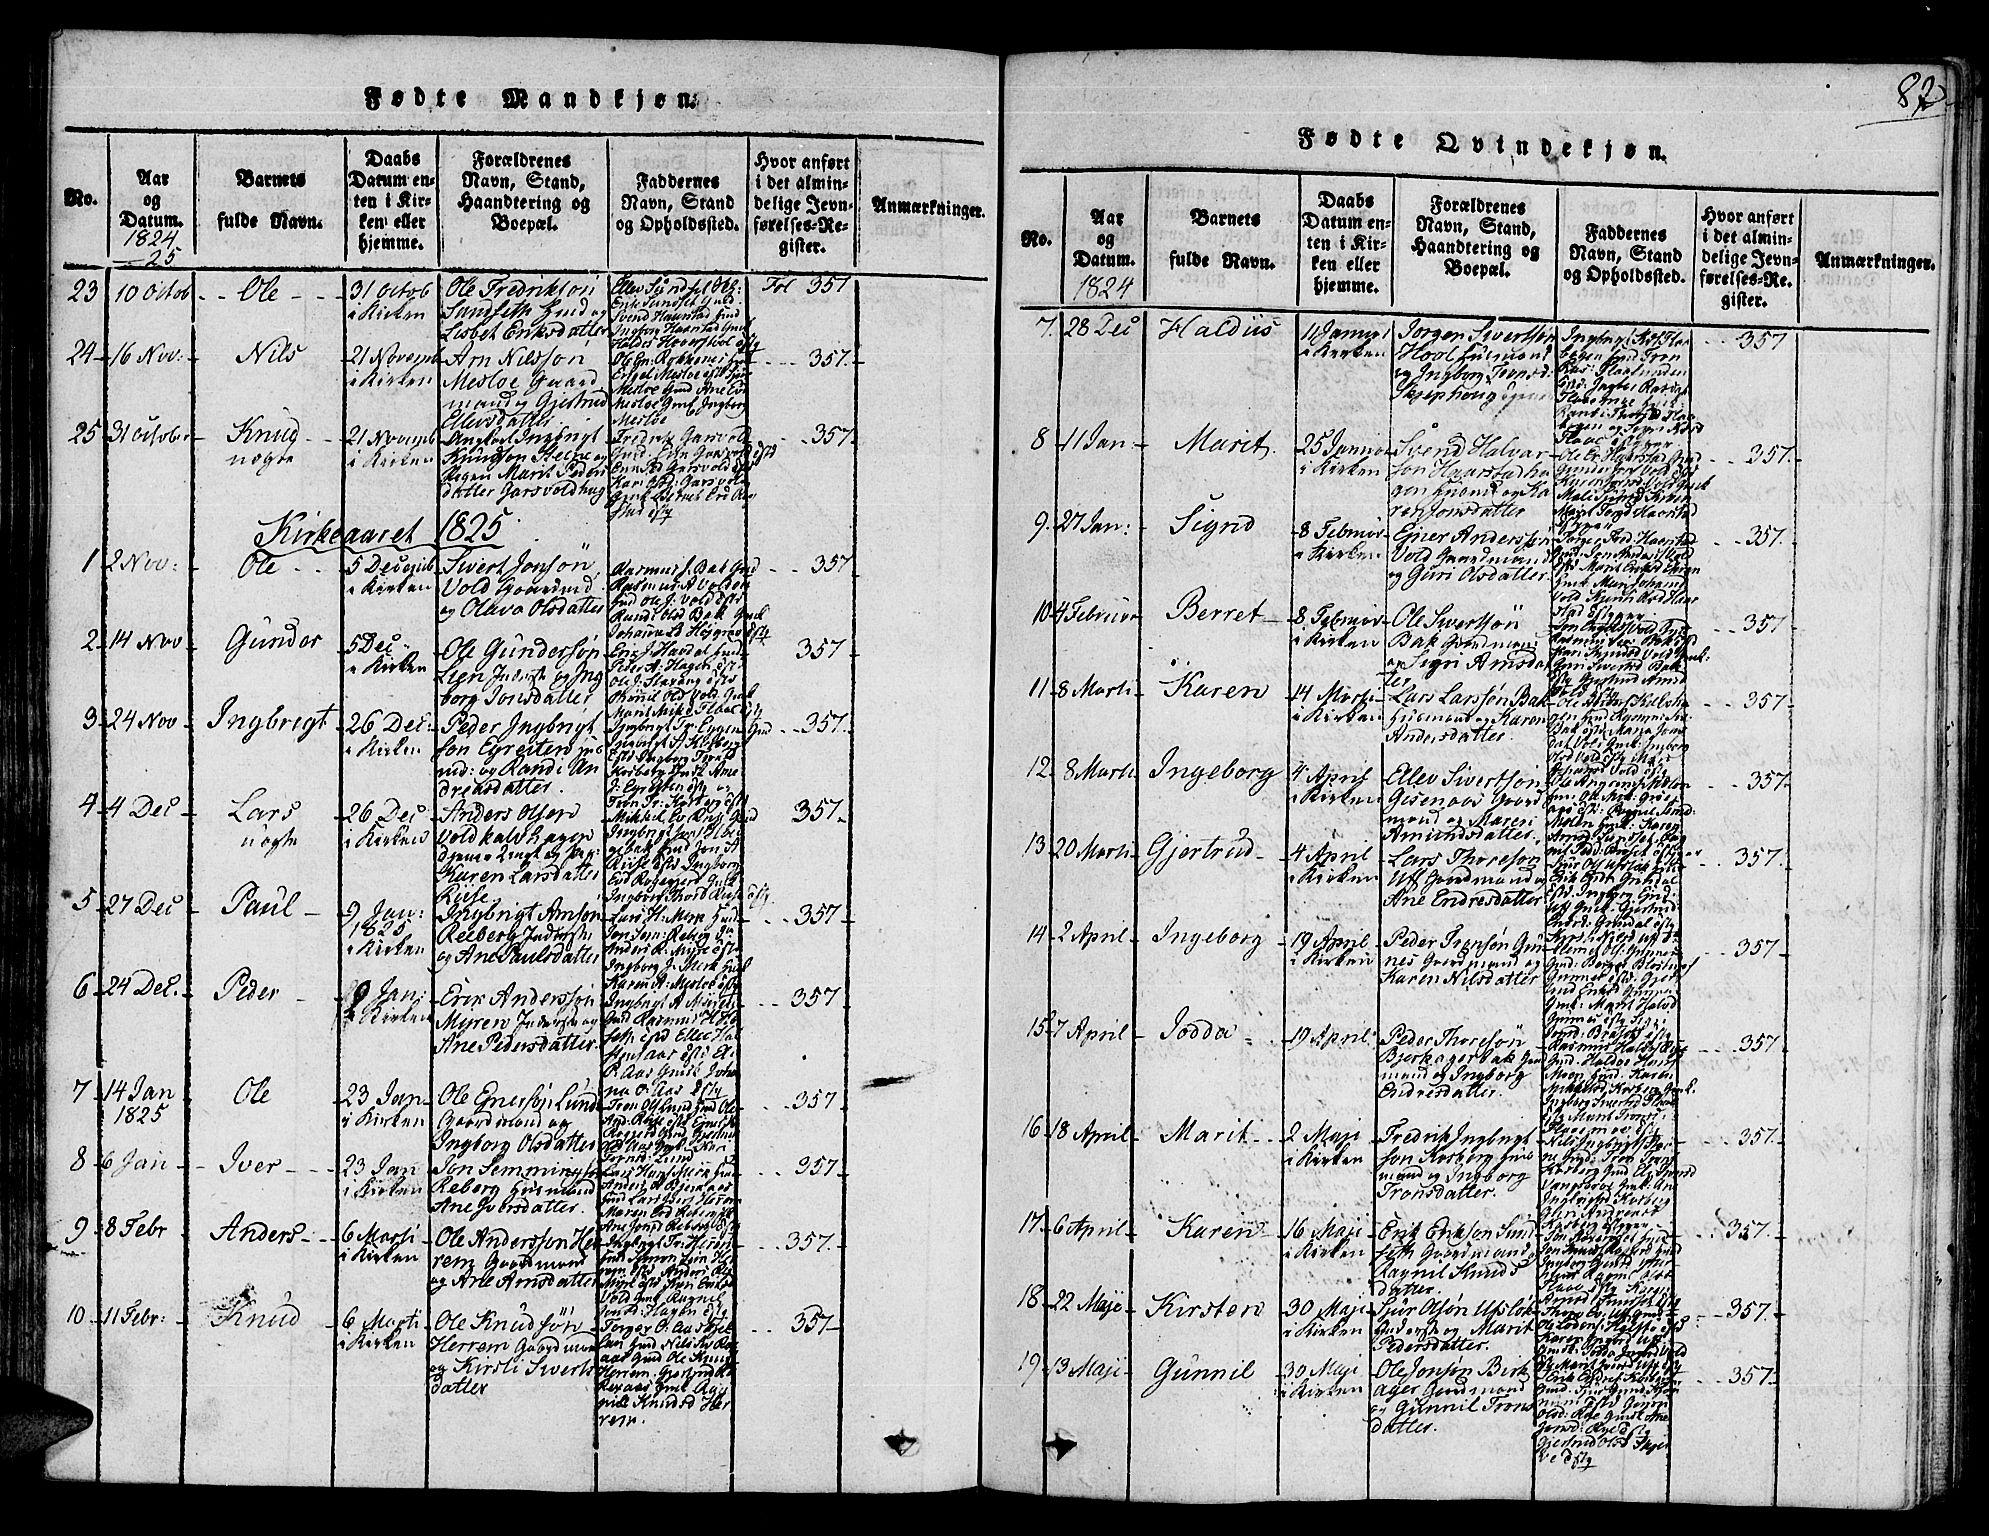 SAT, Ministerialprotokoller, klokkerbøker og fødselsregistre - Sør-Trøndelag, 672/L0854: Ministerialbok nr. 672A06 /2, 1816-1829, s. 82